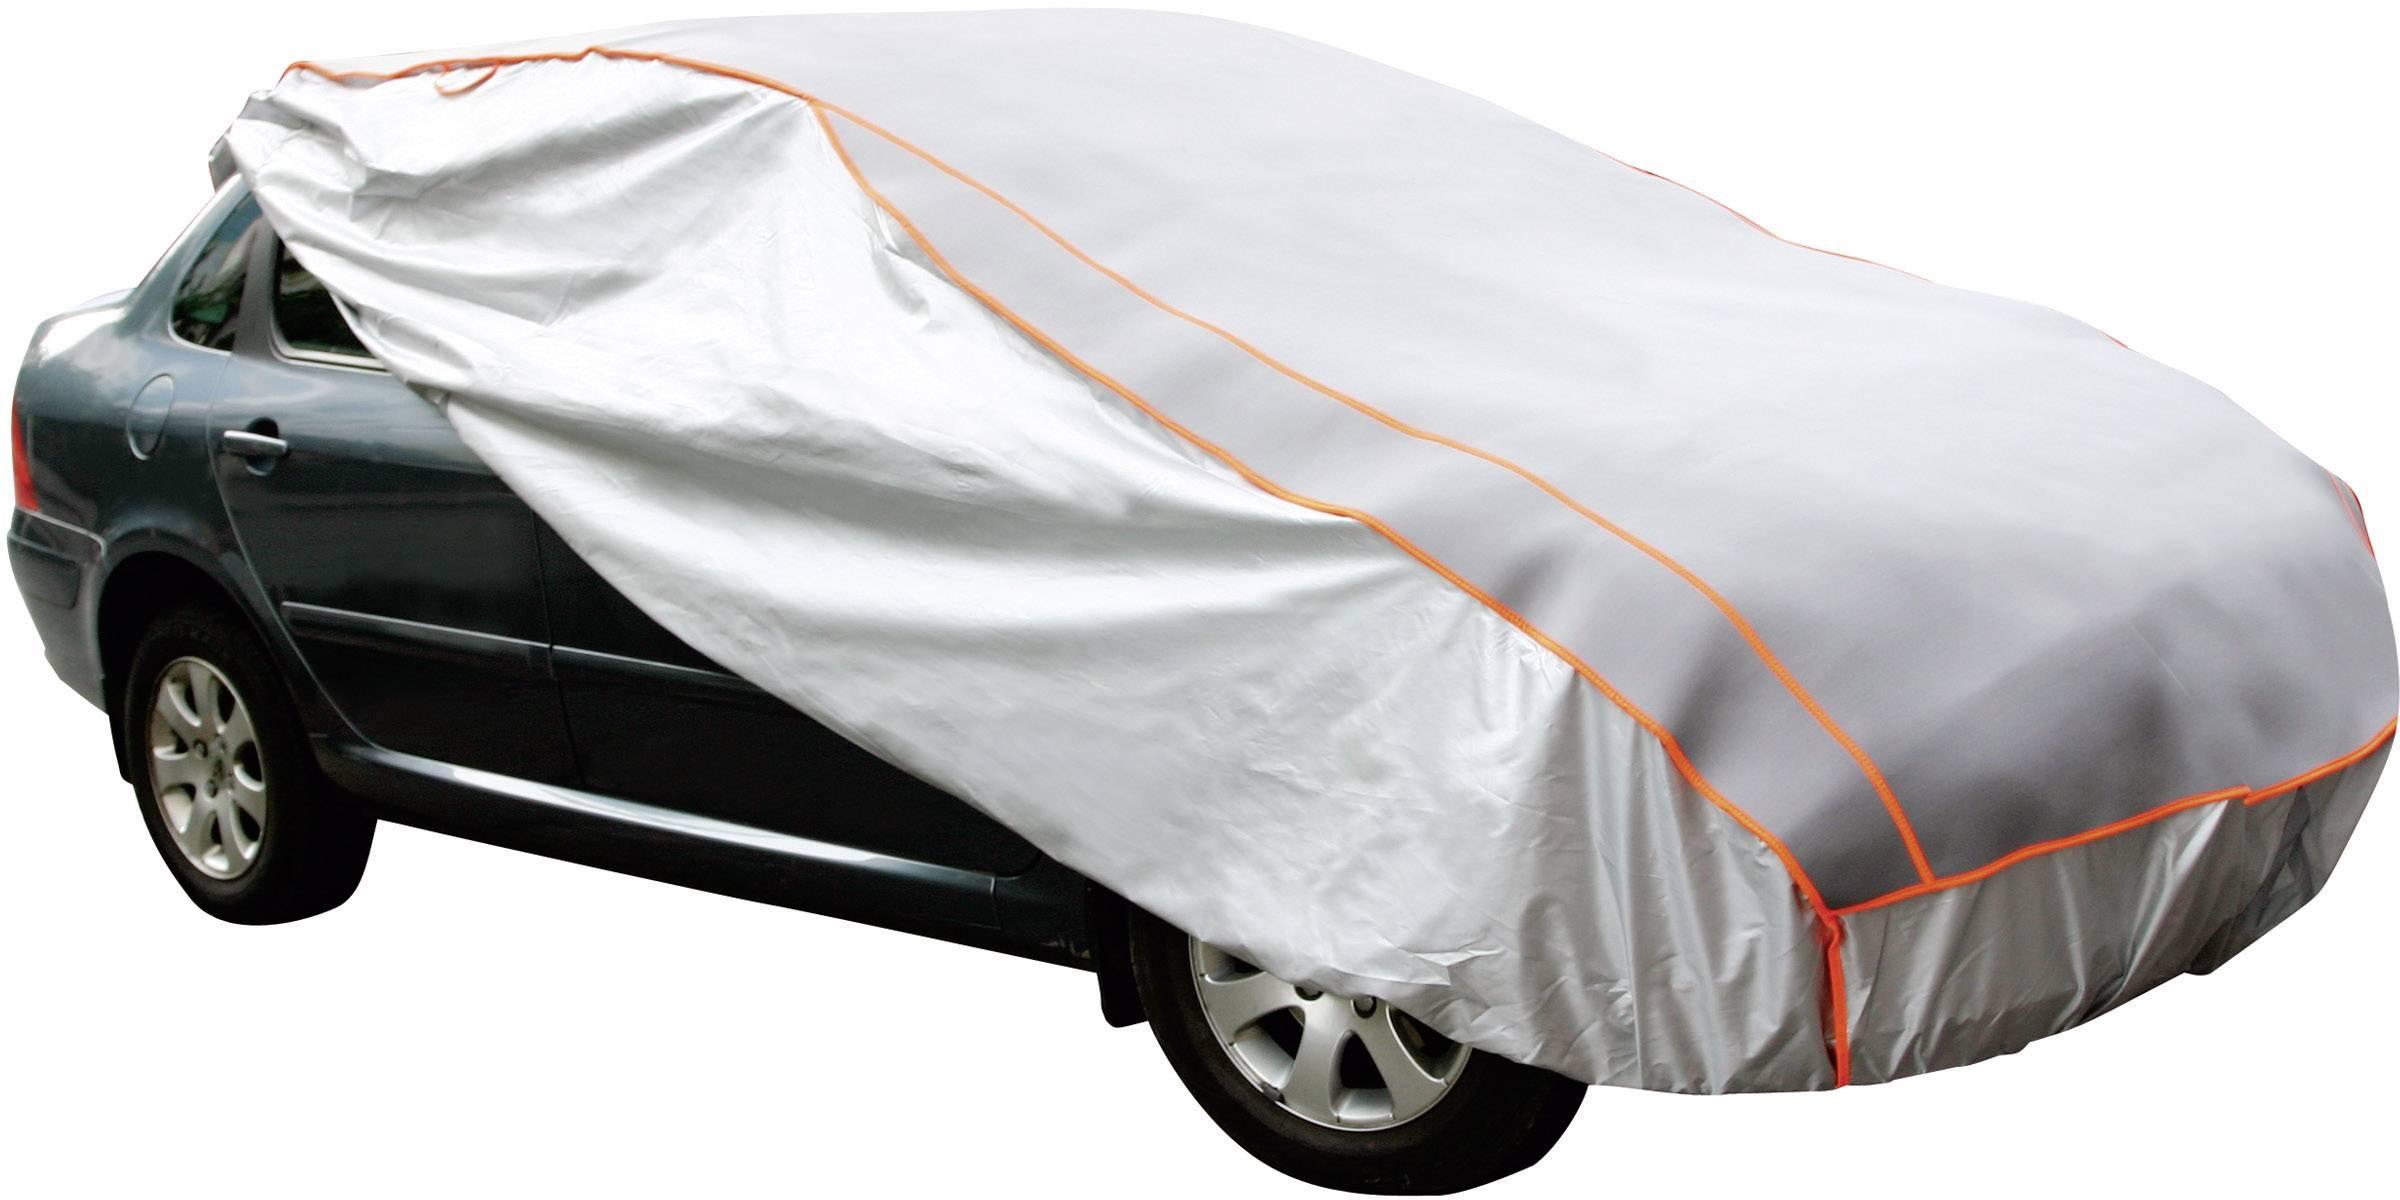 Plachta na automobil ochranná 18270 (d x š x v) 530 x 177 x 120 cm